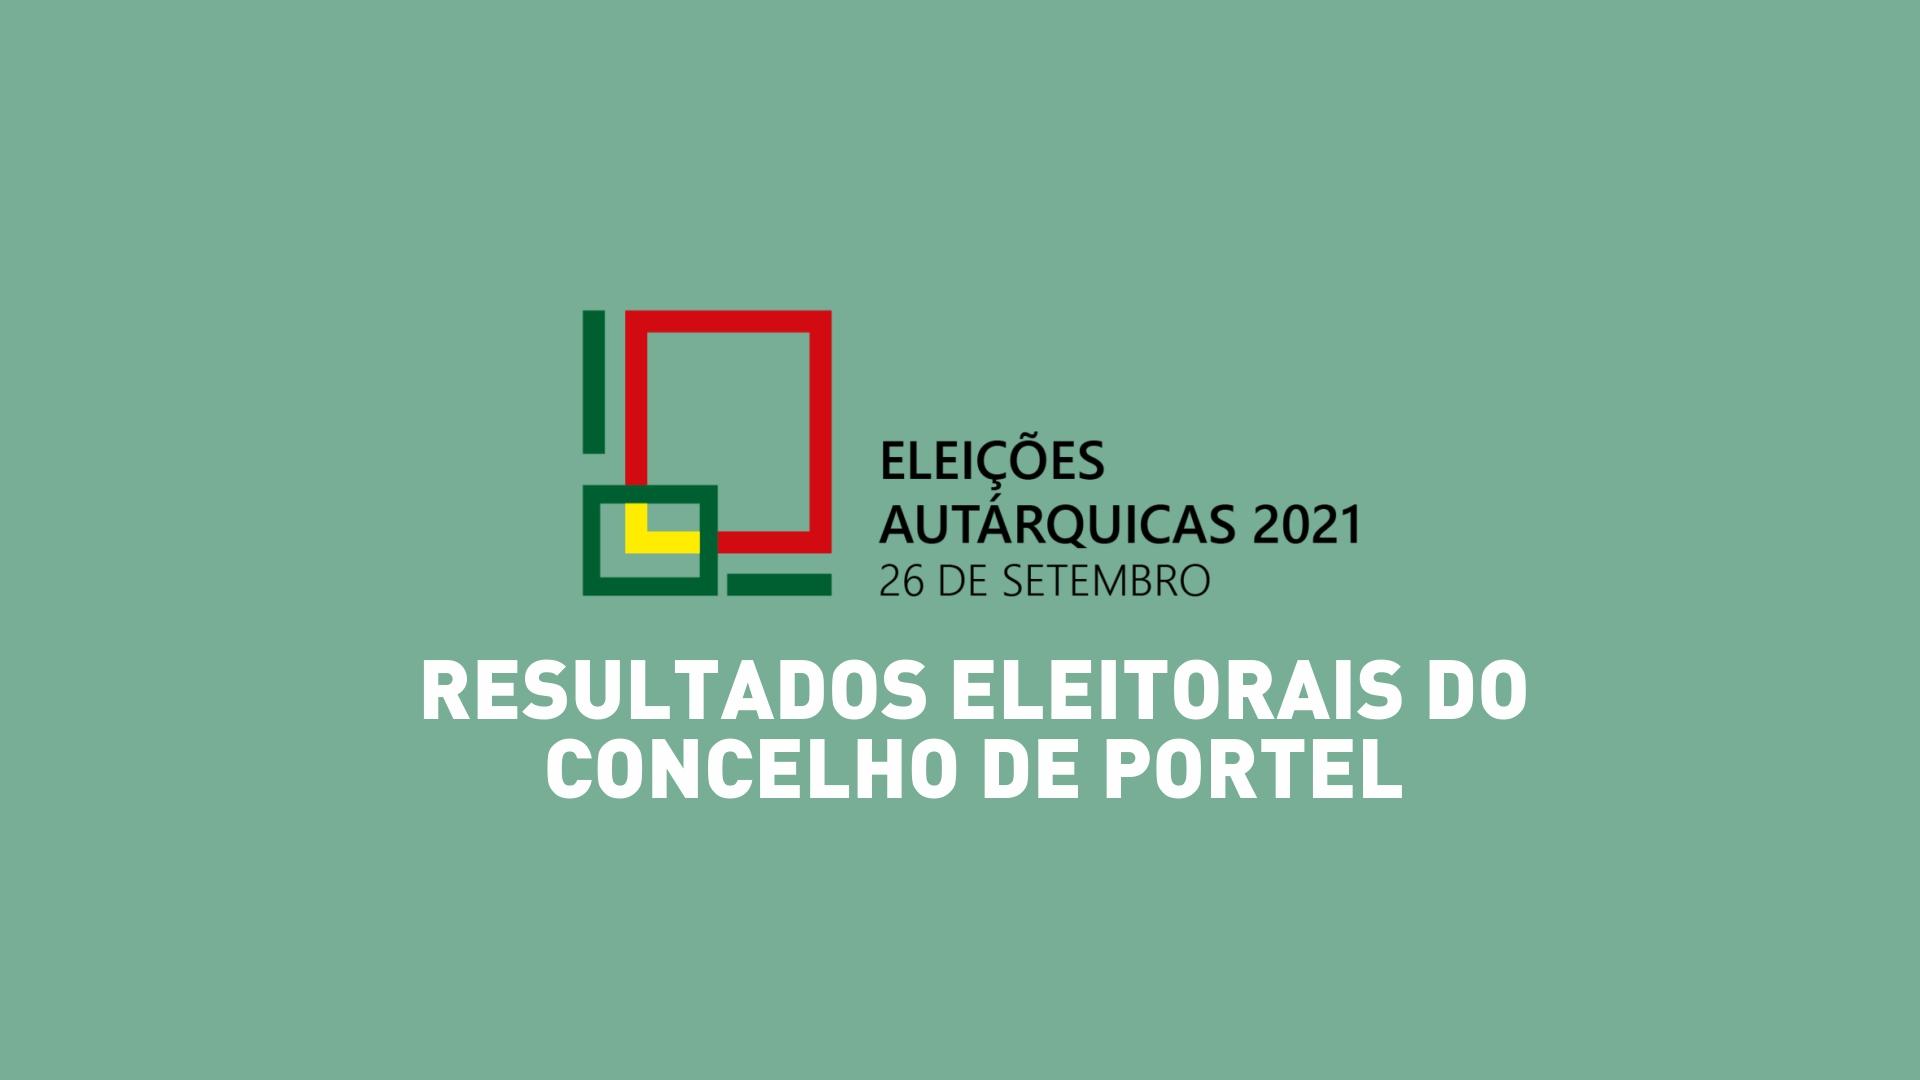 Apuramento dos Resultados Eleitorais do Concelho de Portel